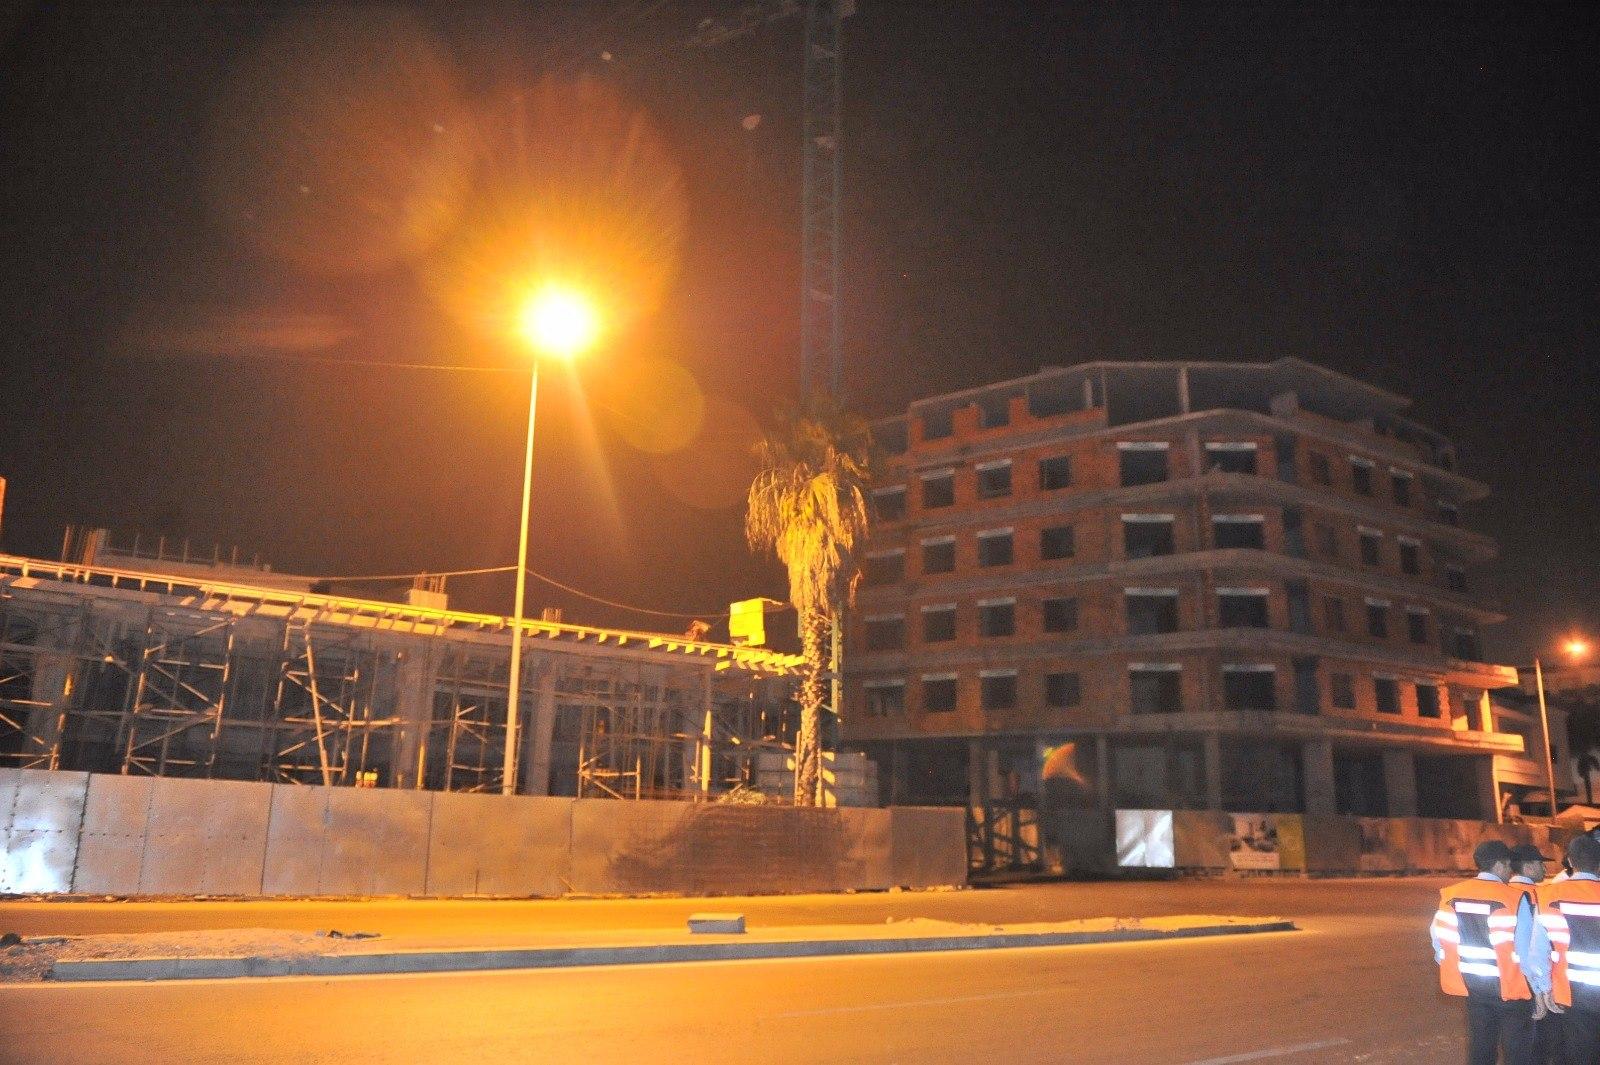 رافعة بناء ضخمة كادت تسقط فوق رؤوس سكان بالبيضاء والأمن يخلي المنطقة